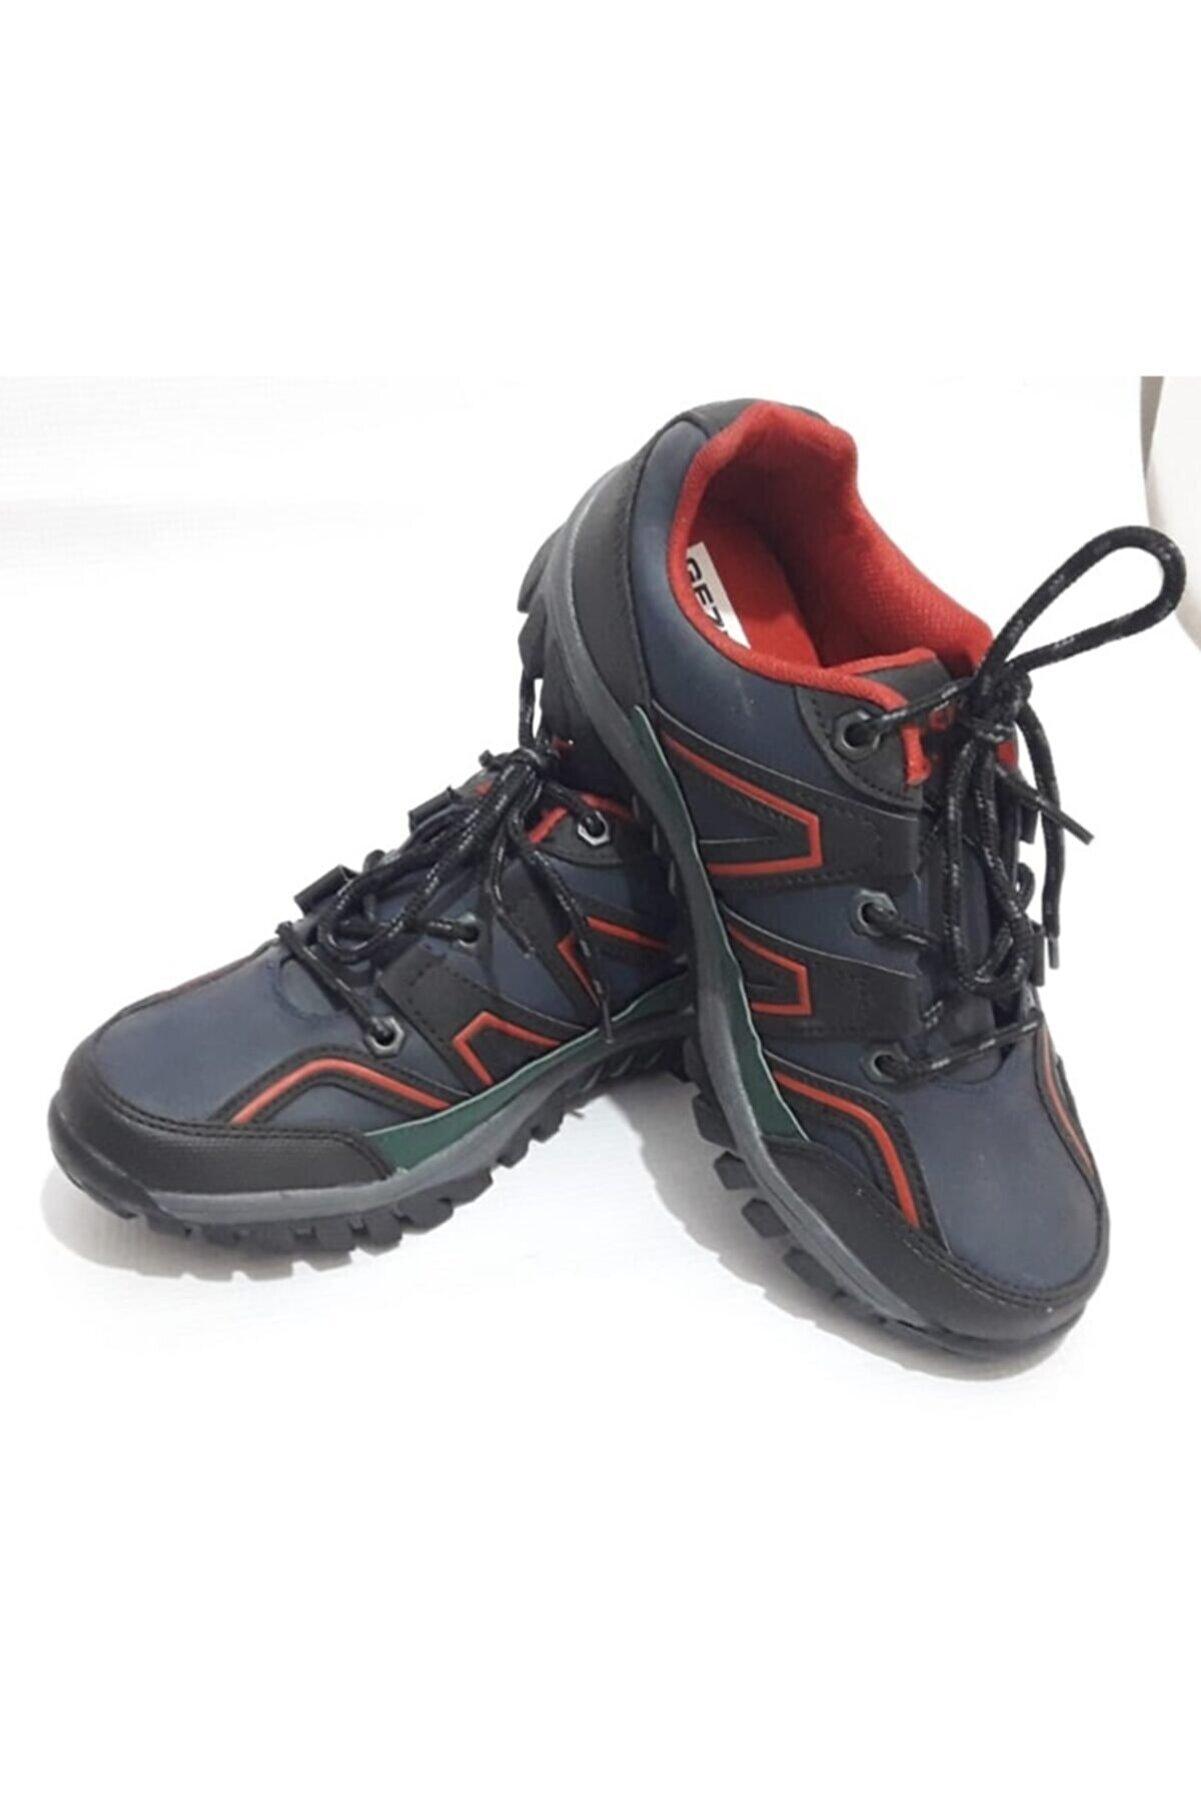 Gezer Unisex Lacivert Kırmızı Çizgili Kışlık Kaydırmaz Ayakkabı Bot